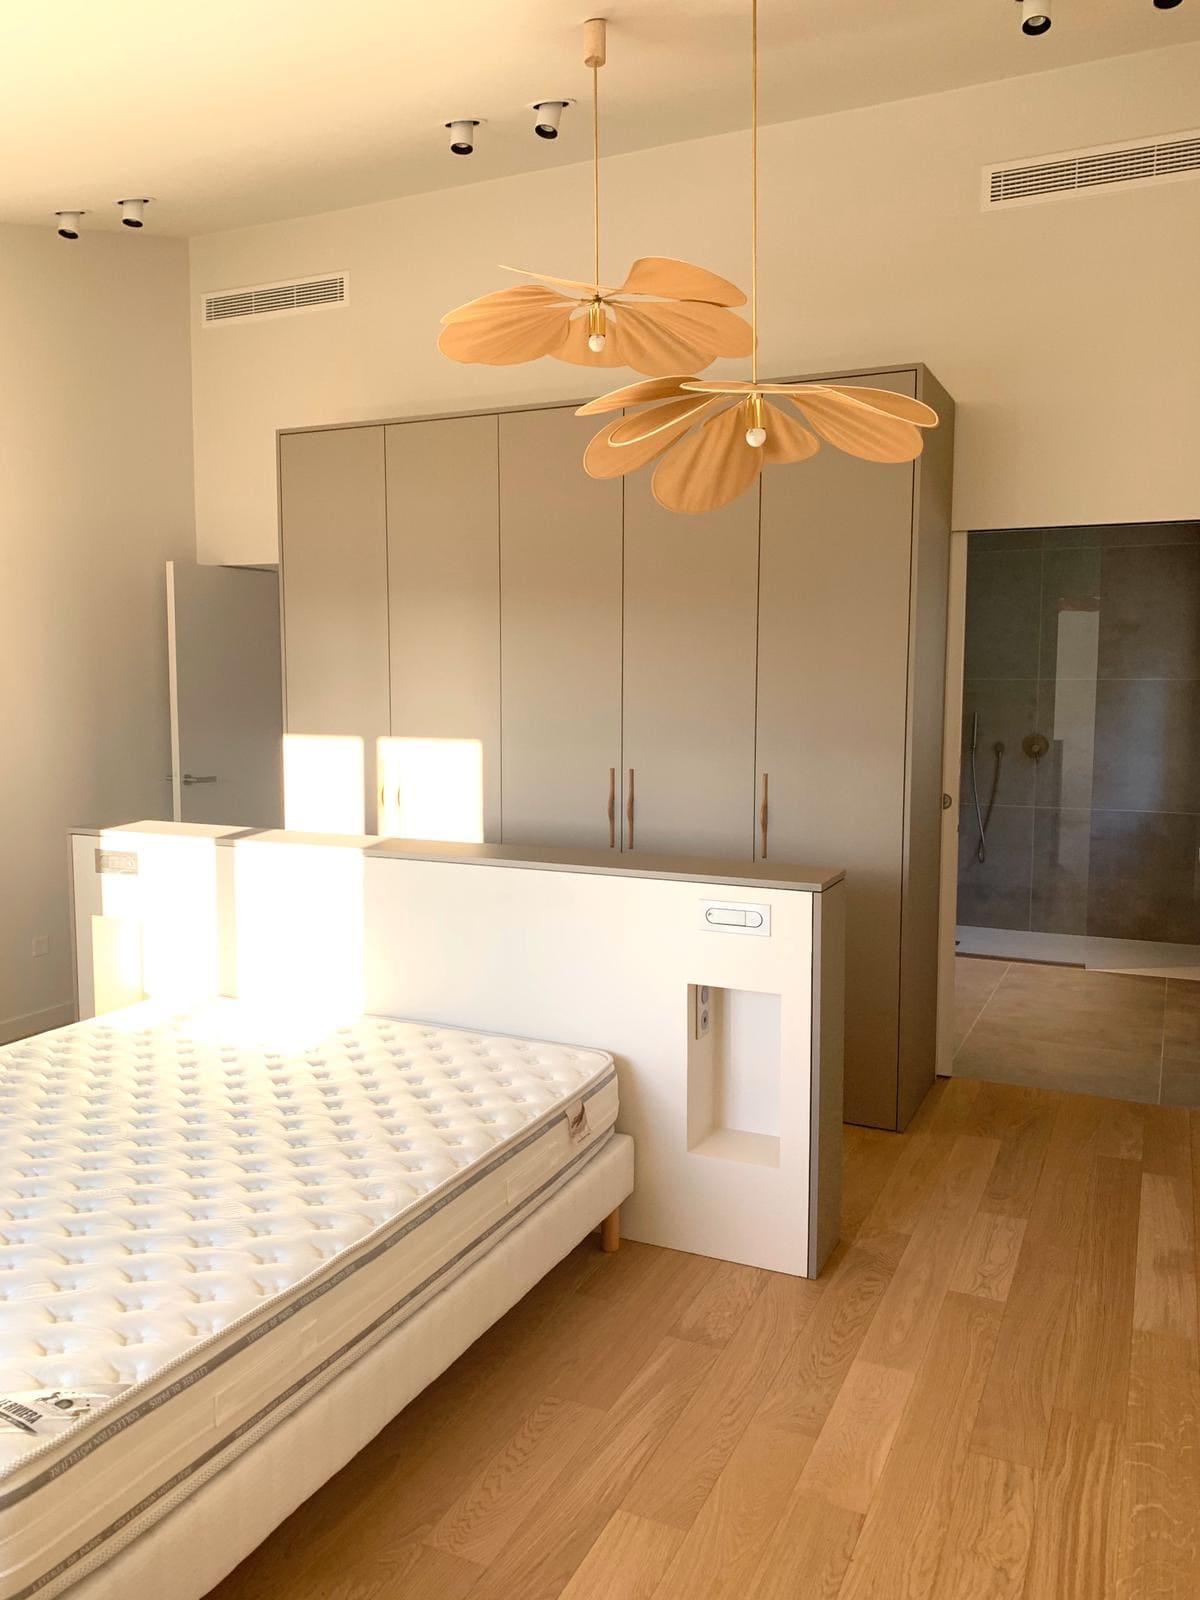 renovmyhome - rénovation complète d'une chambre